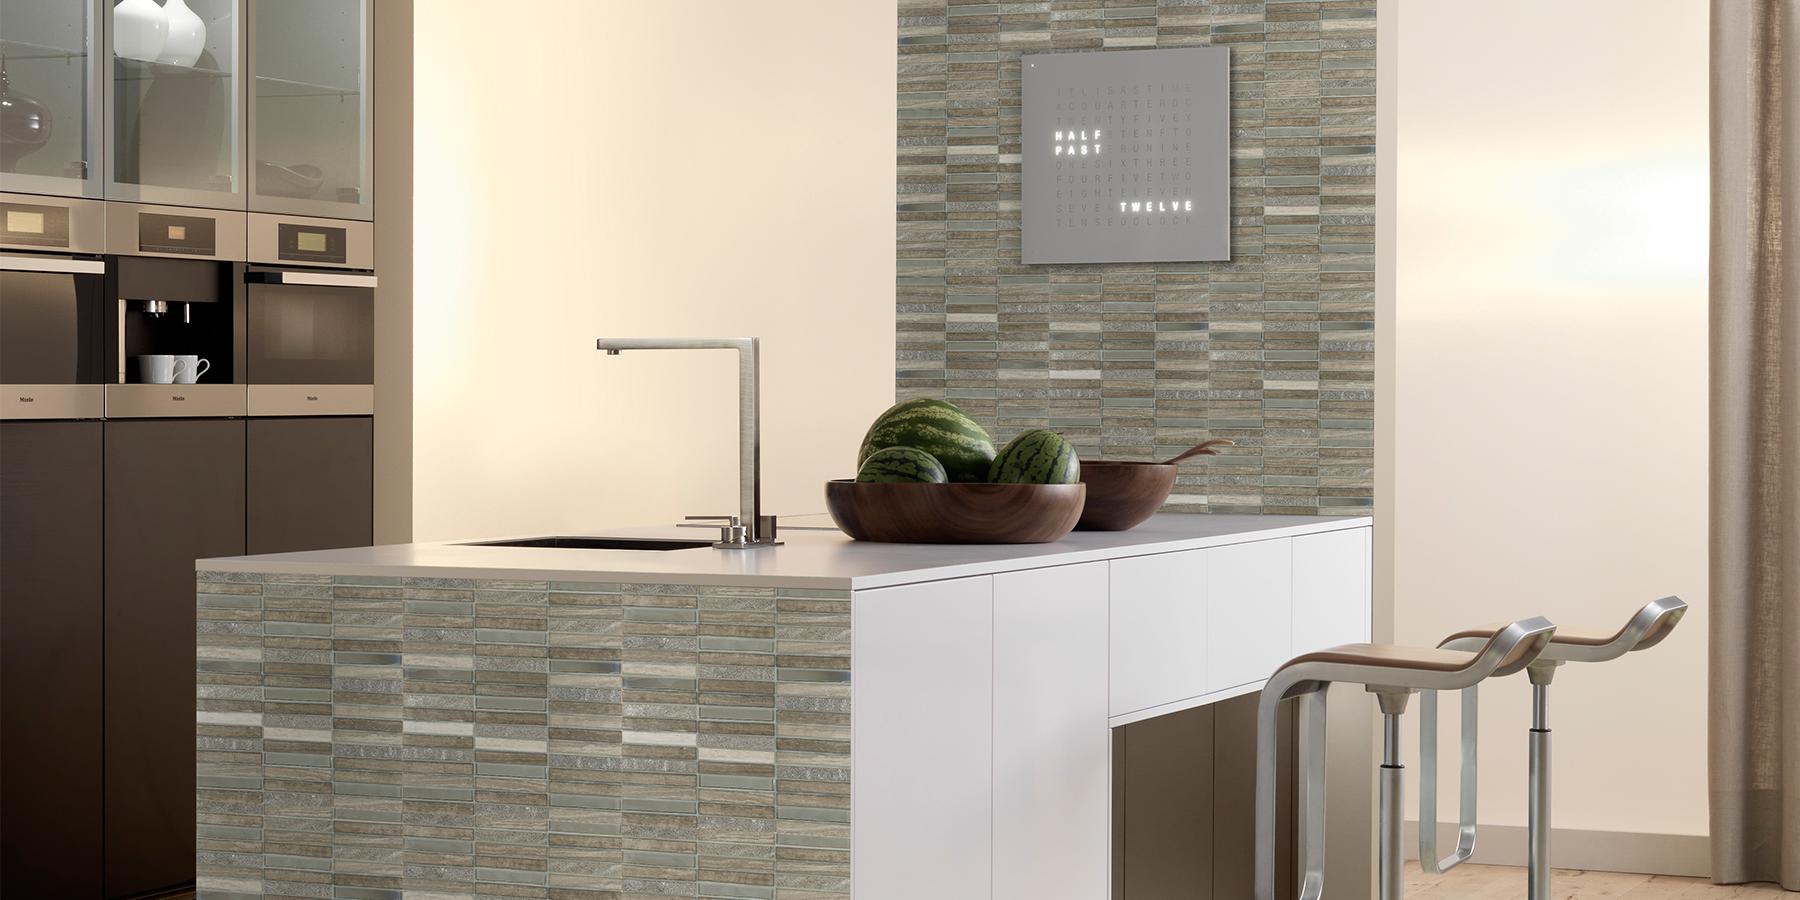 Cordoba - Clarkston Stone & Tile. Retail Showroom 6678 Dixie Hwy